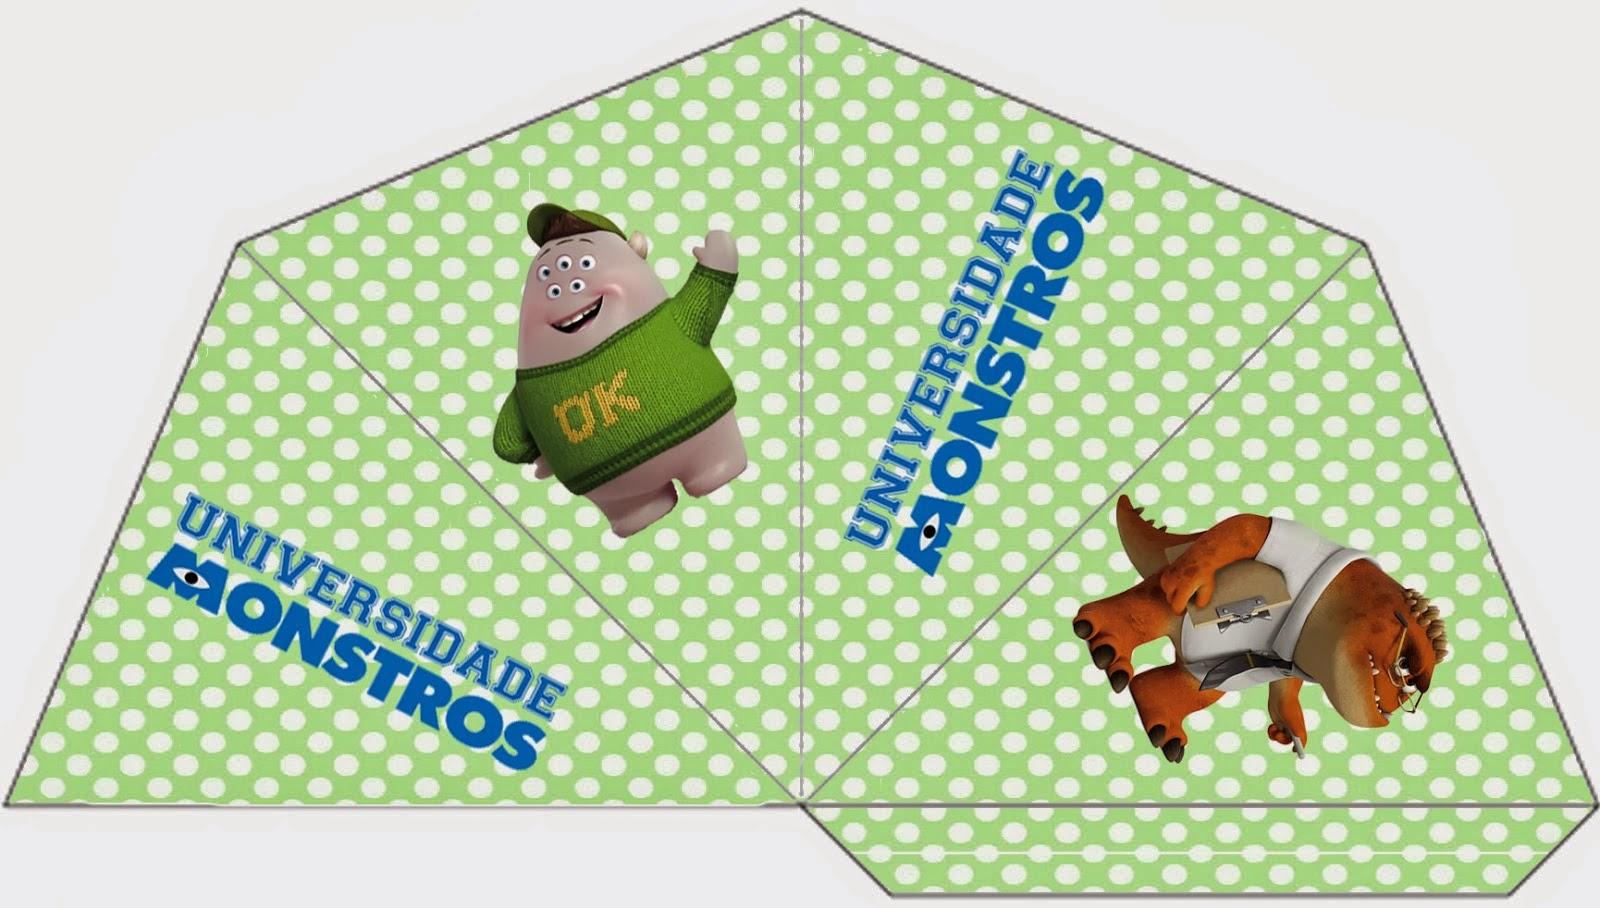 Universidad de Monstruos: Divertidos Imprimibles Gratis para Fiestas